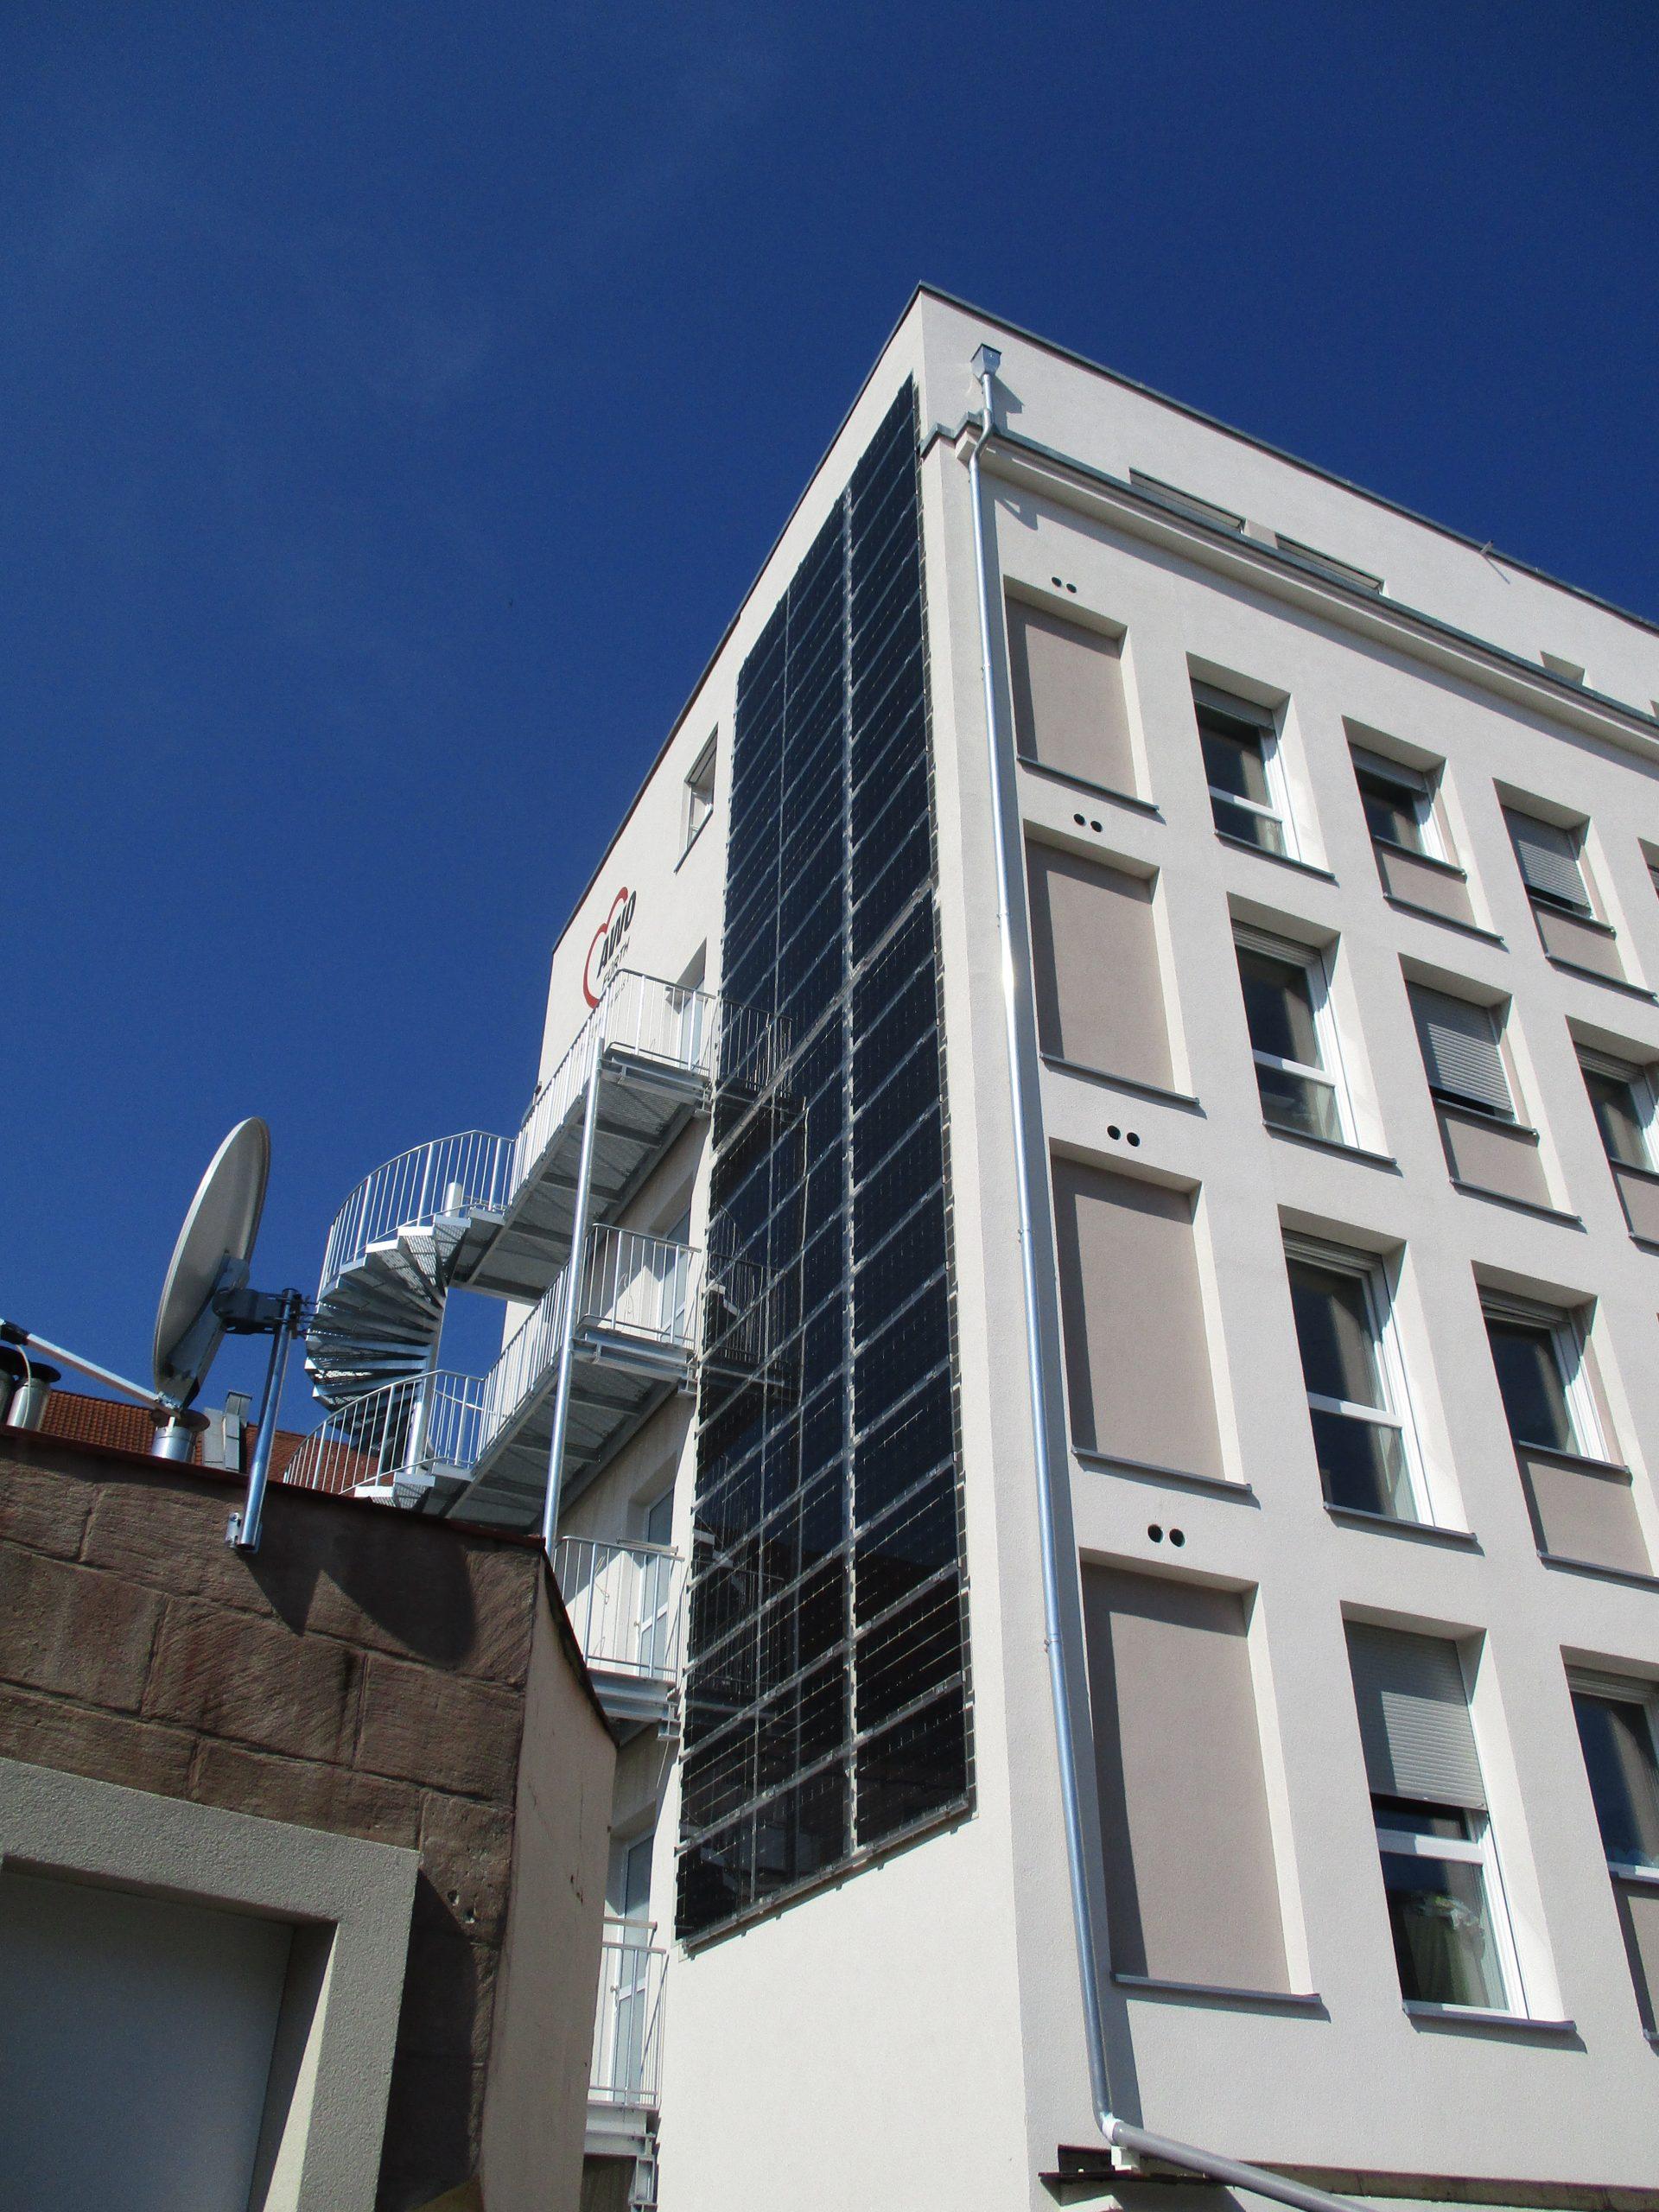 Förderung von Erneuerbaren Energien